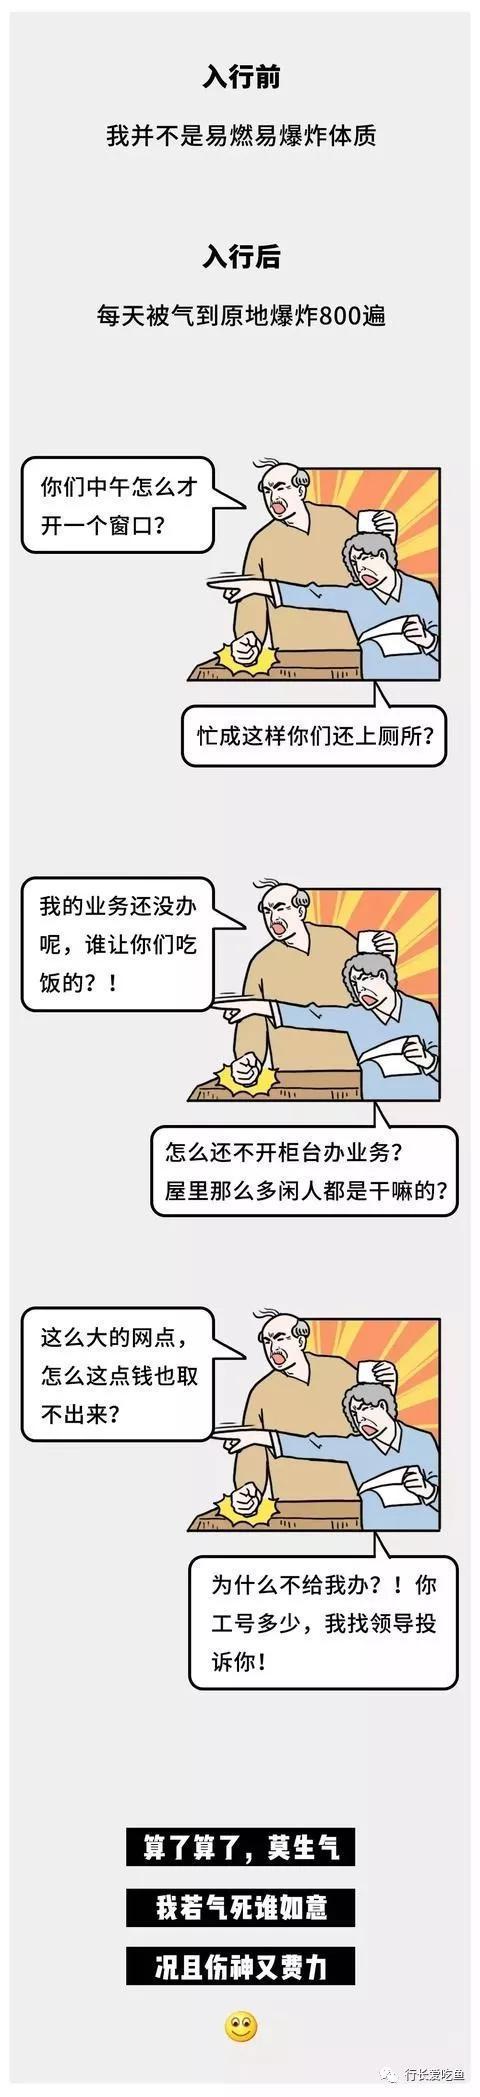 不赌钱打扑克牌犯法吗,2019中国人口报社通联工作会议在我市召开